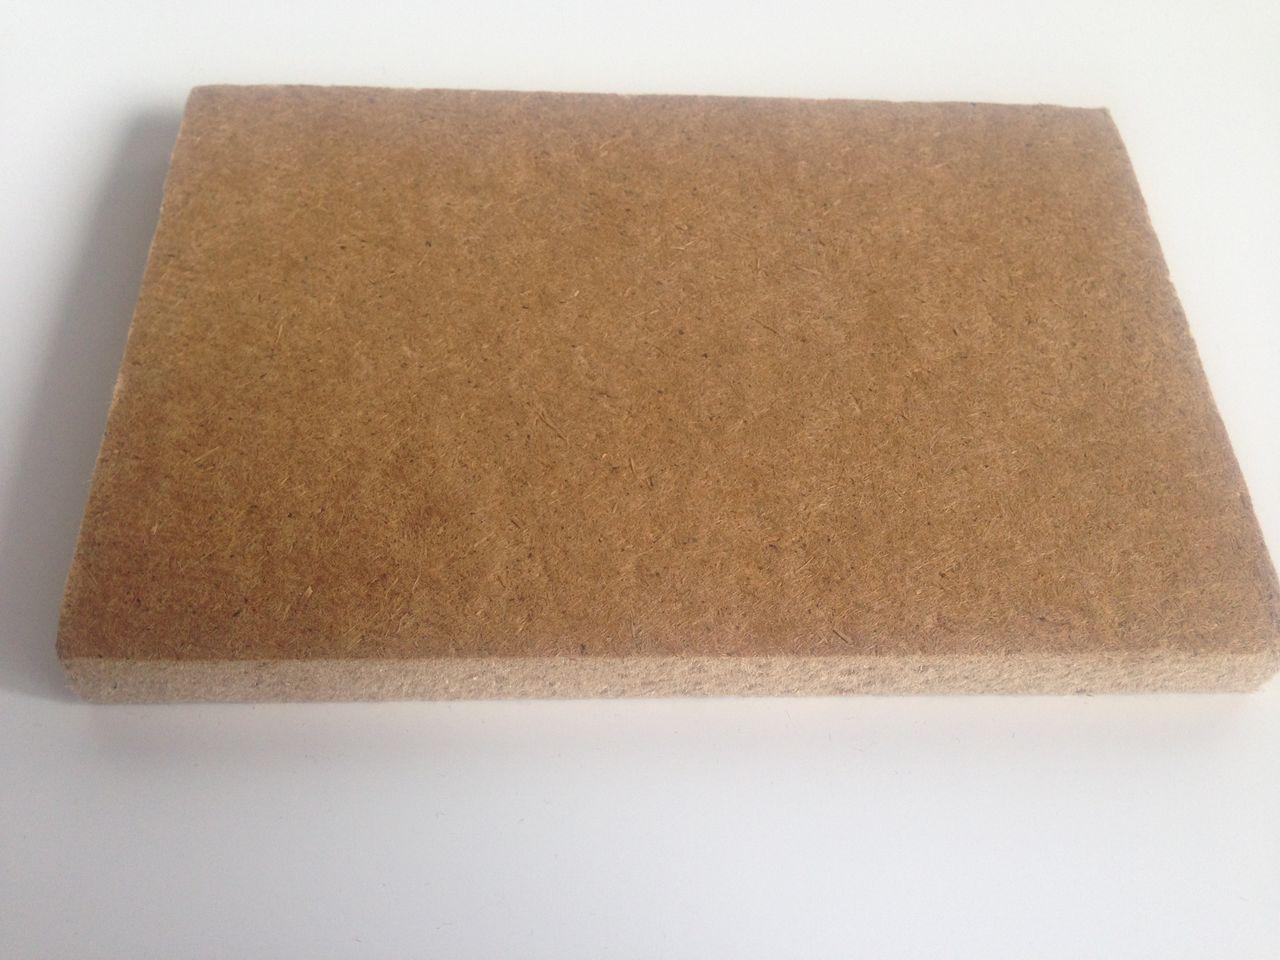 «Изоплат» — экологичный материал из древесины с отличными звукоизоляционными характеристиками